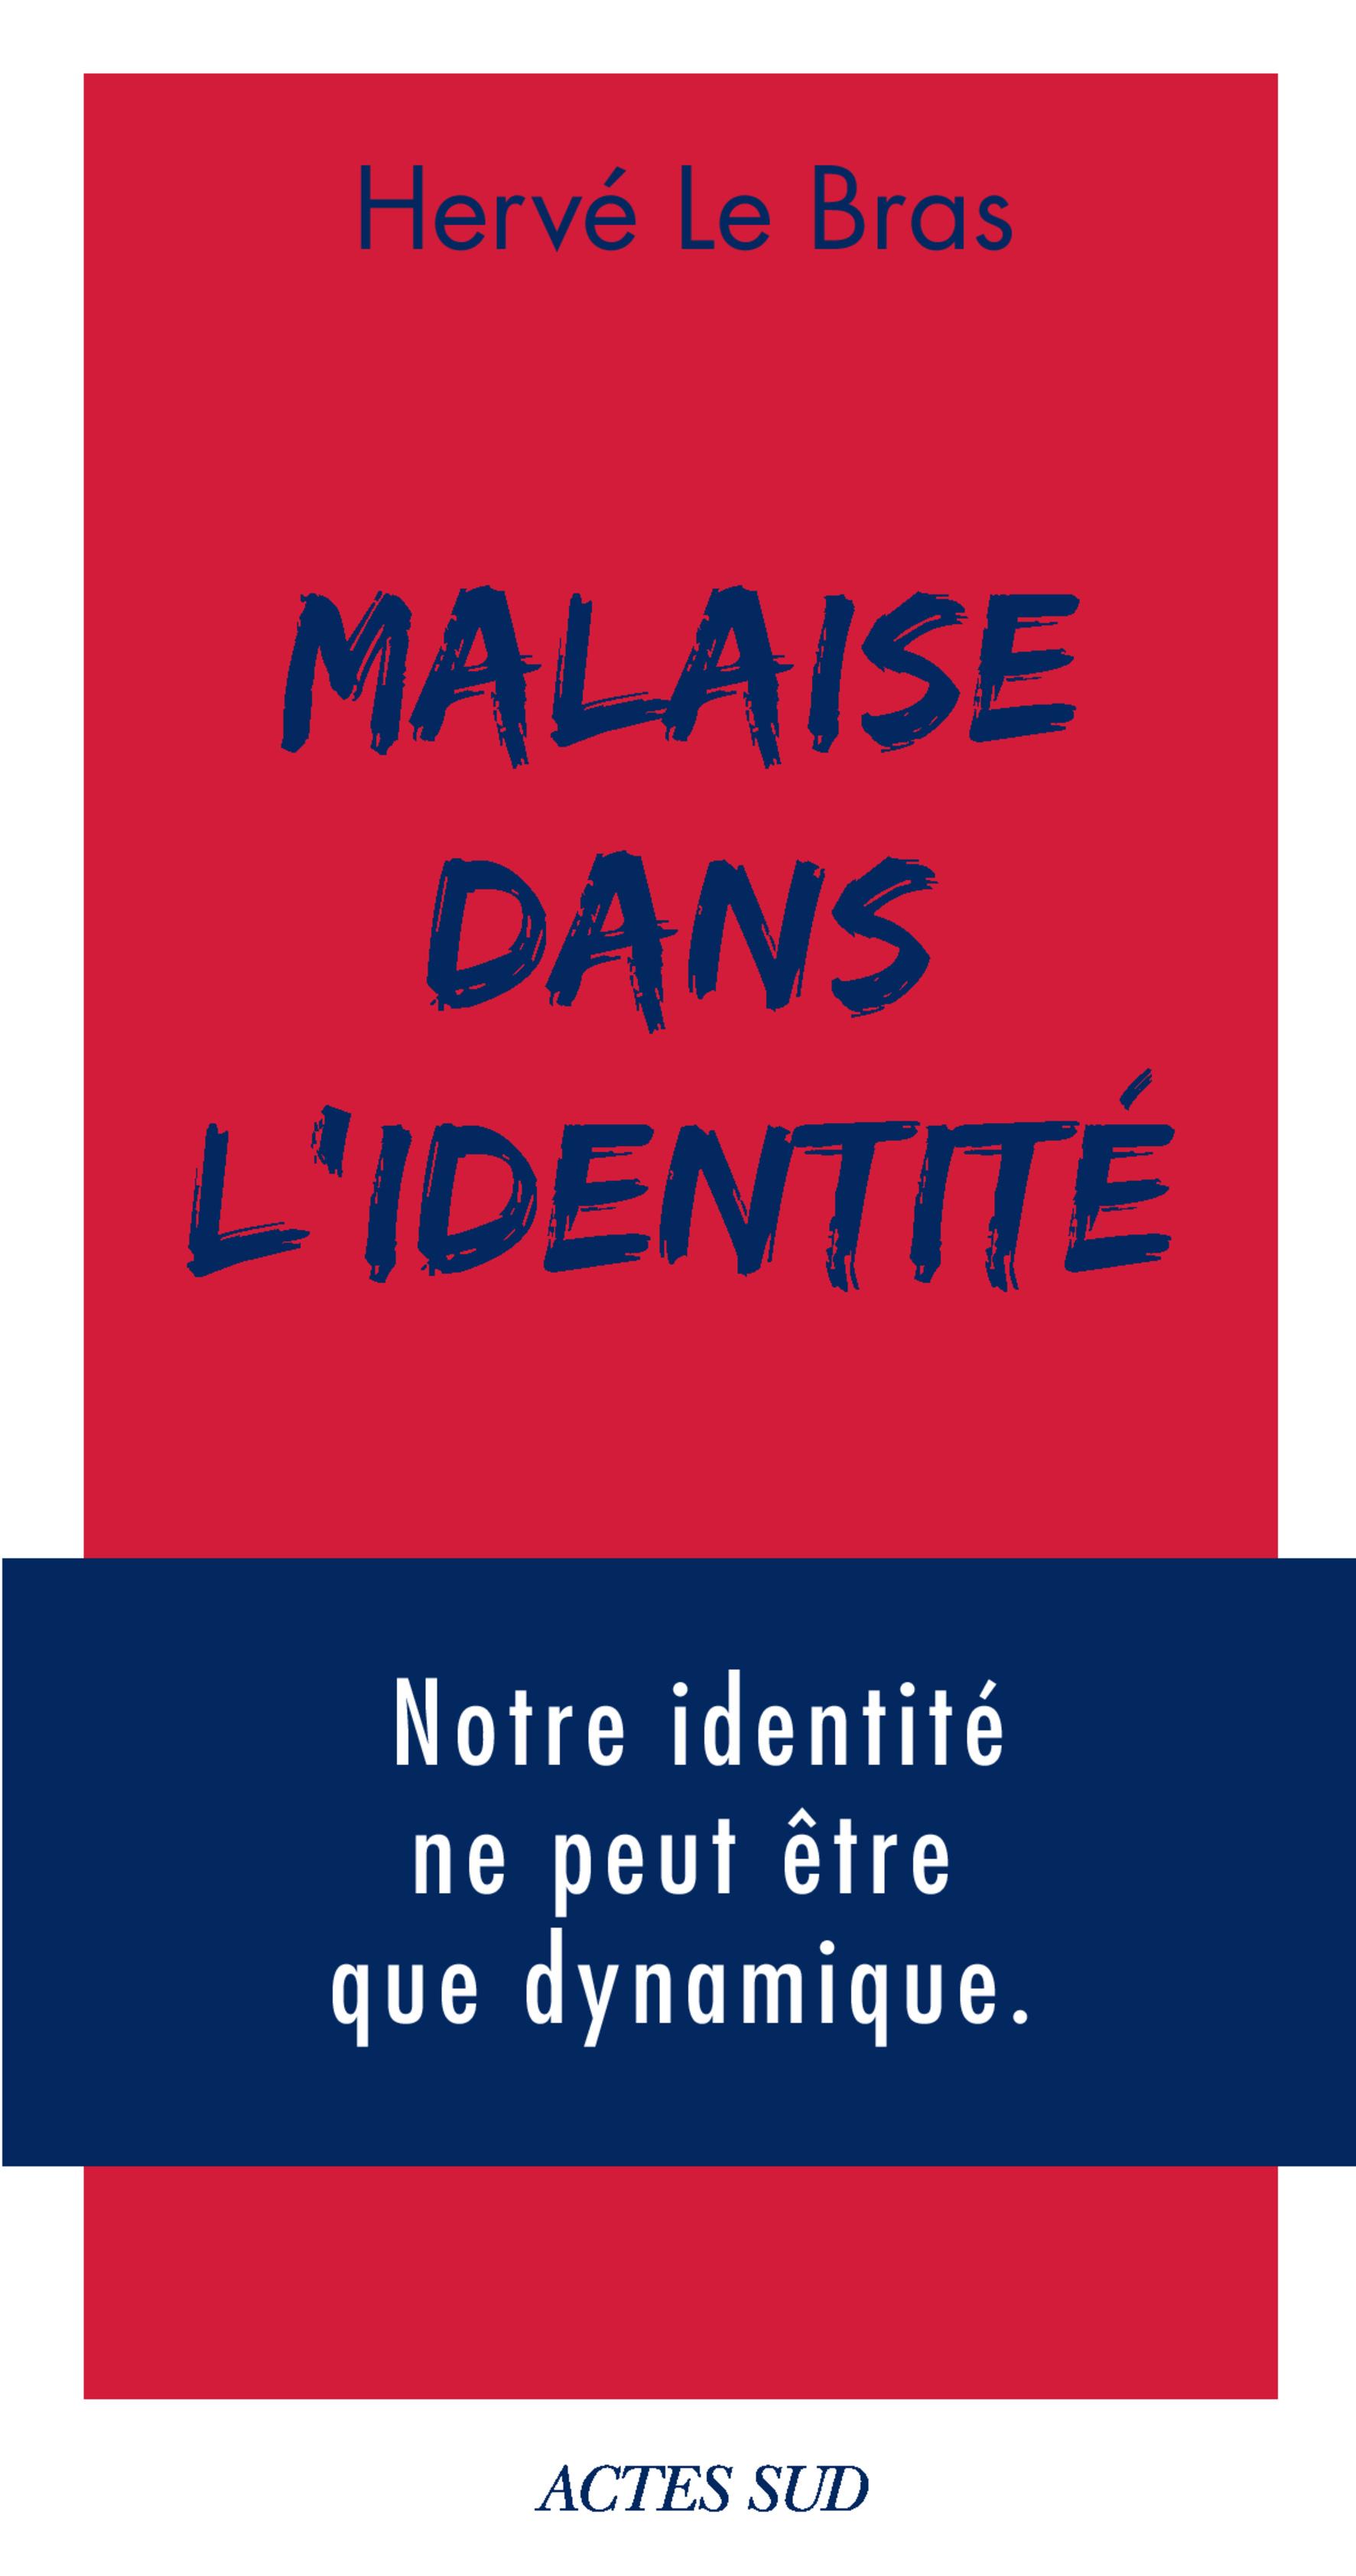 Malaise dans l'identité